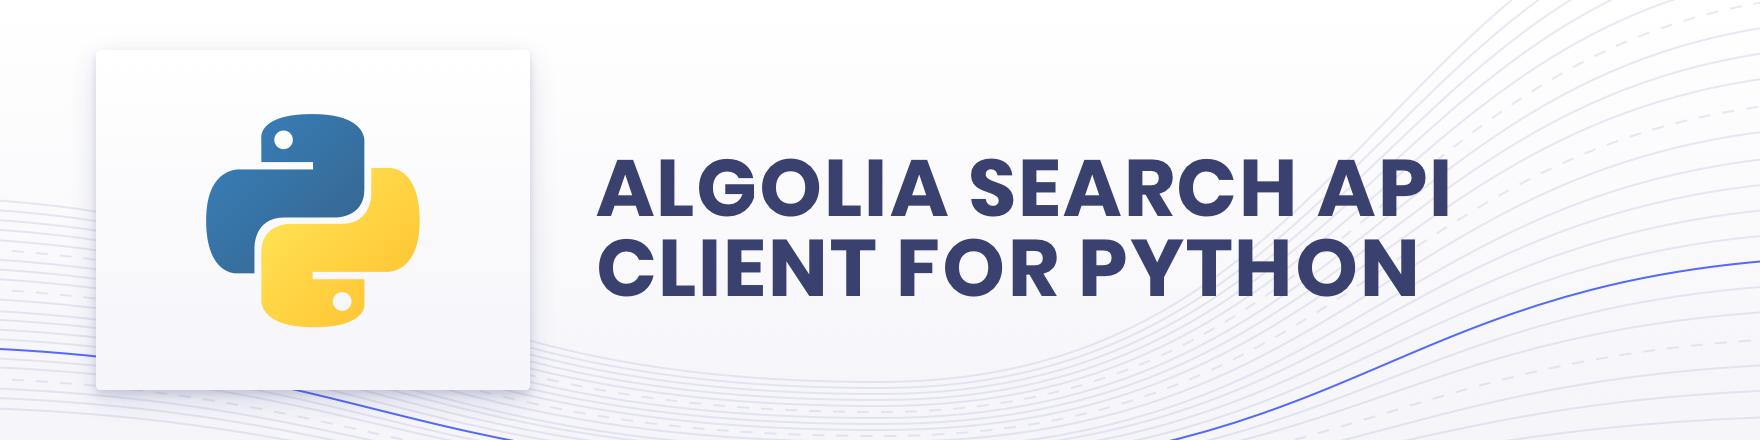 Algolia for Python